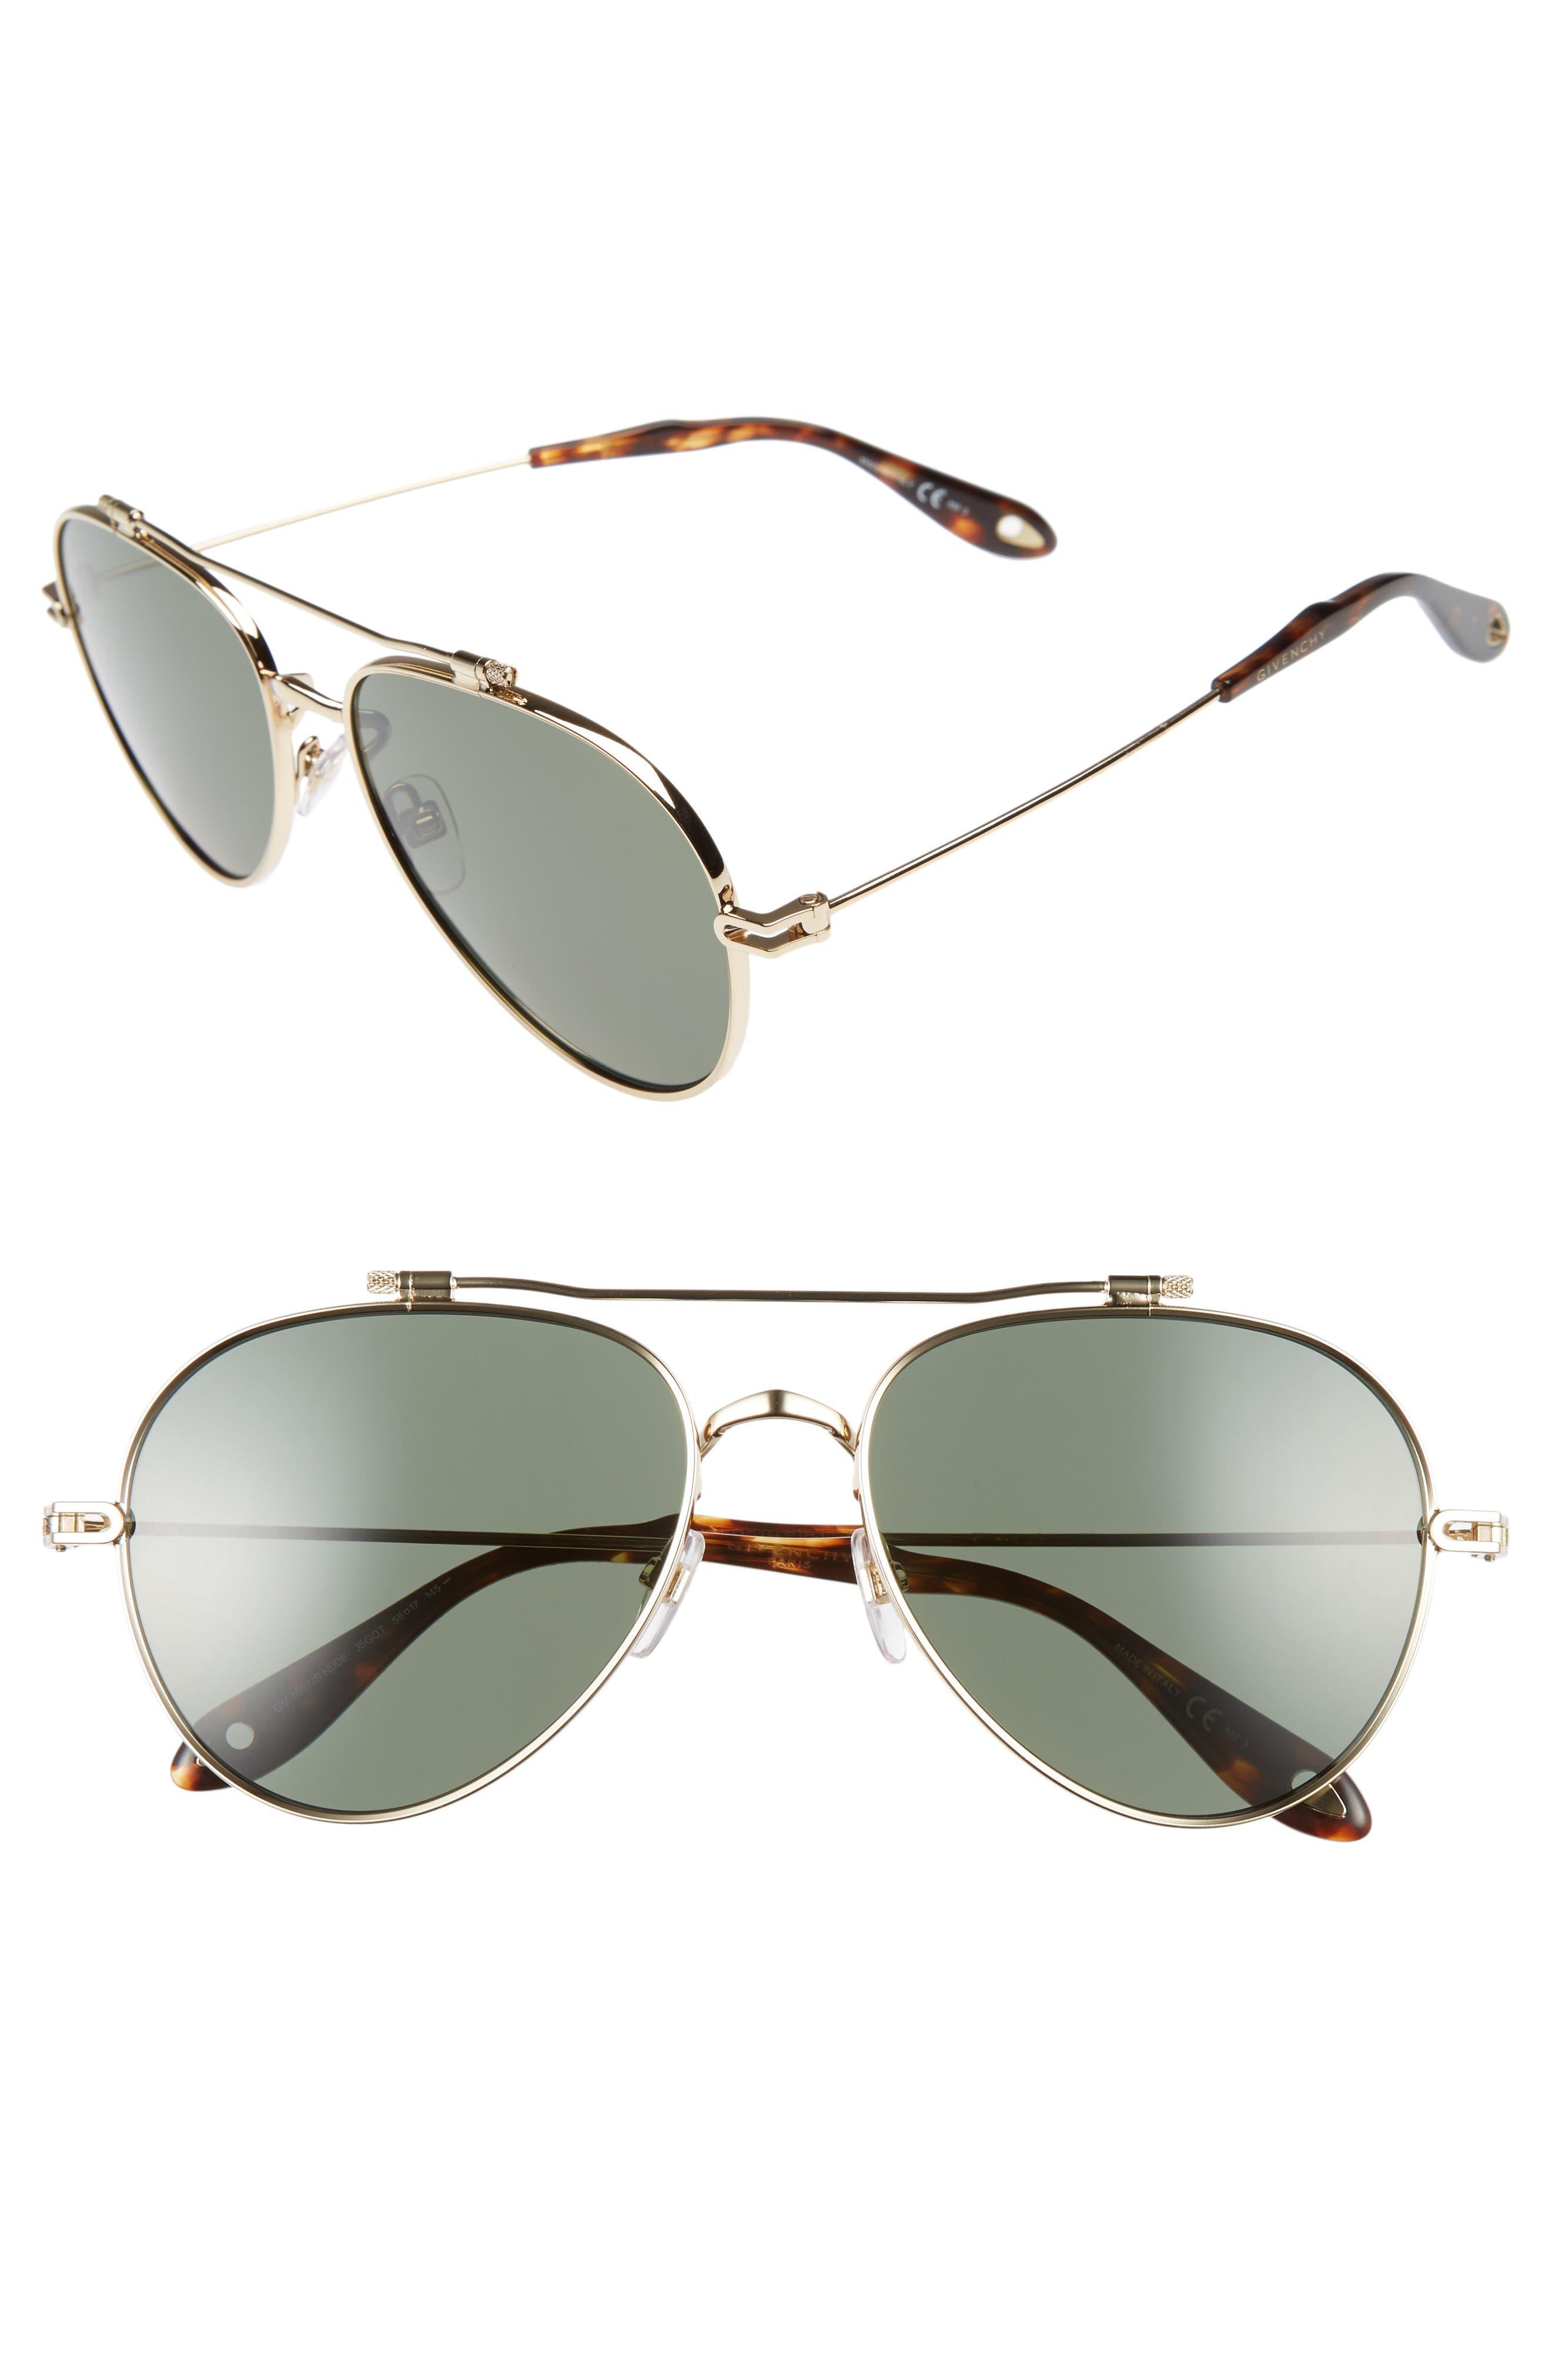 Givenchy 58mm Polarized Aviator Sunglasses